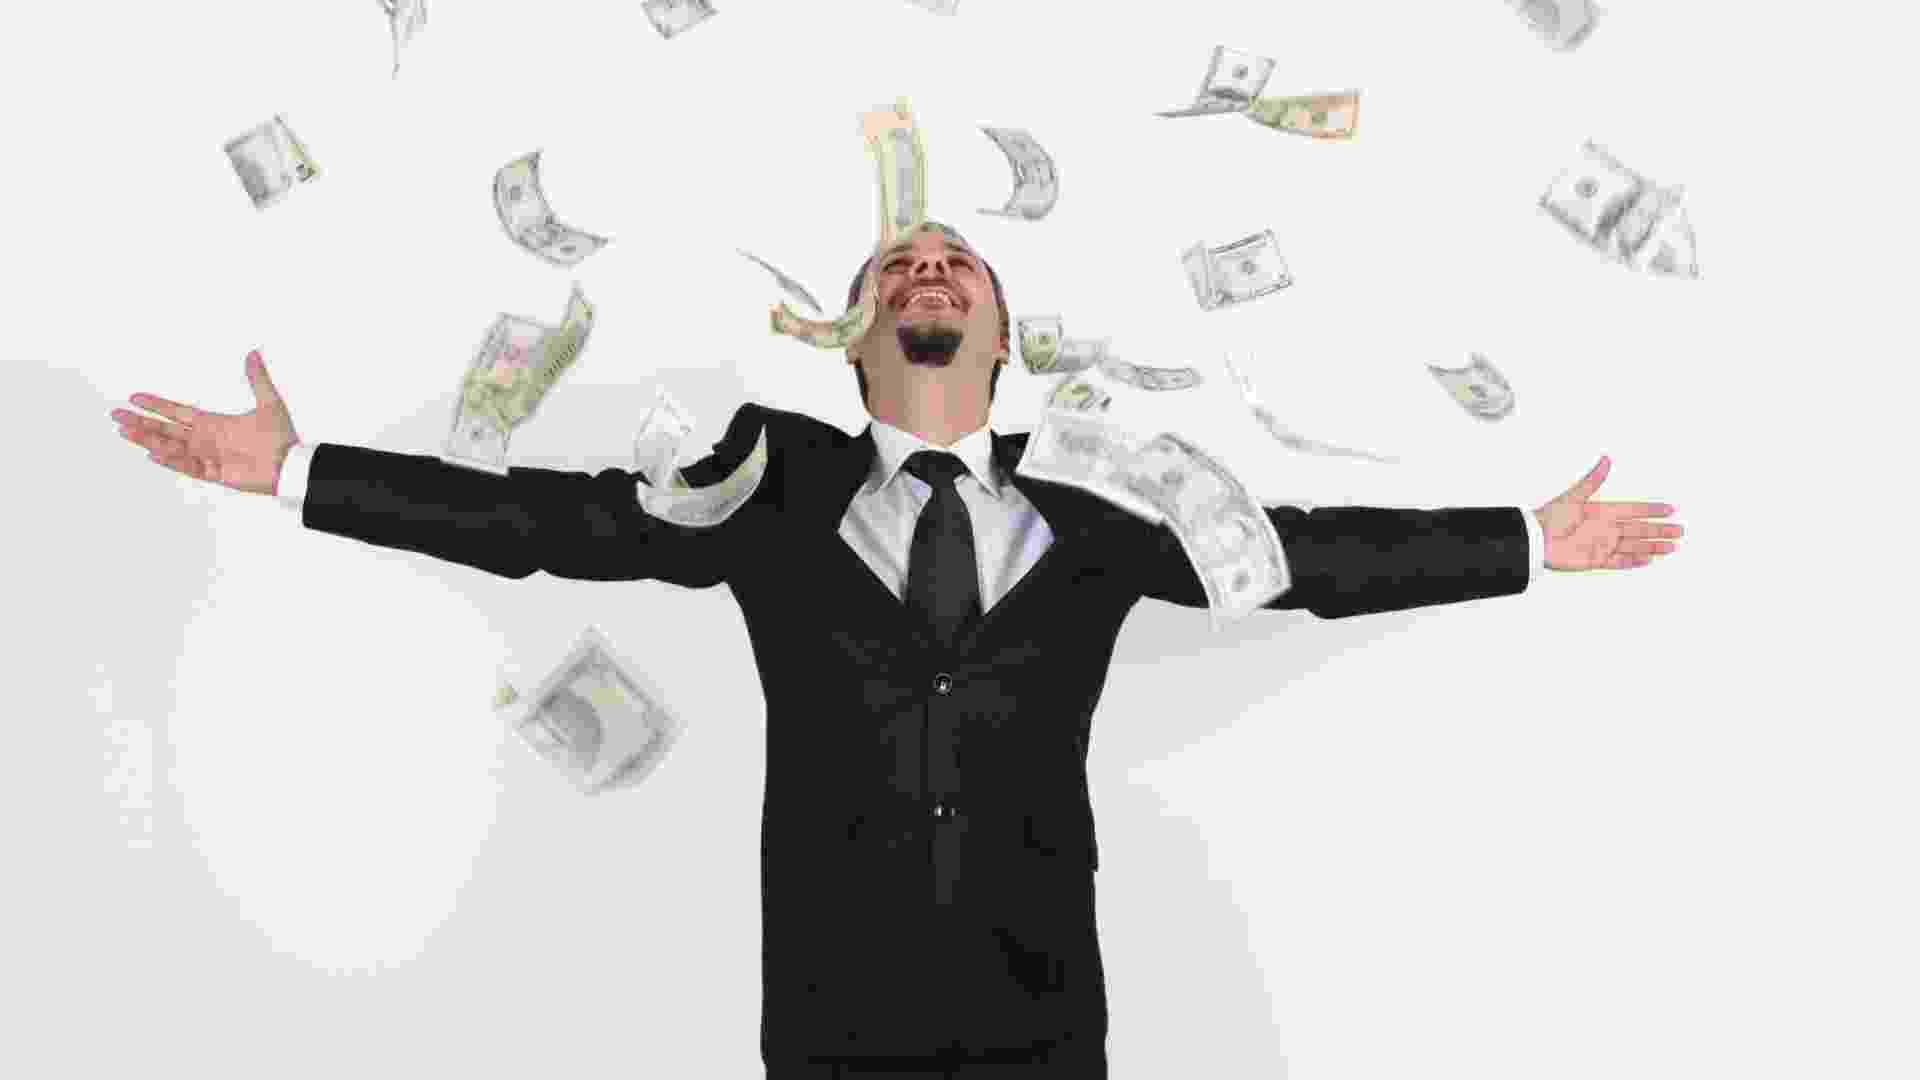 Homem rico faz chuva com dinheiro - Thinkstock